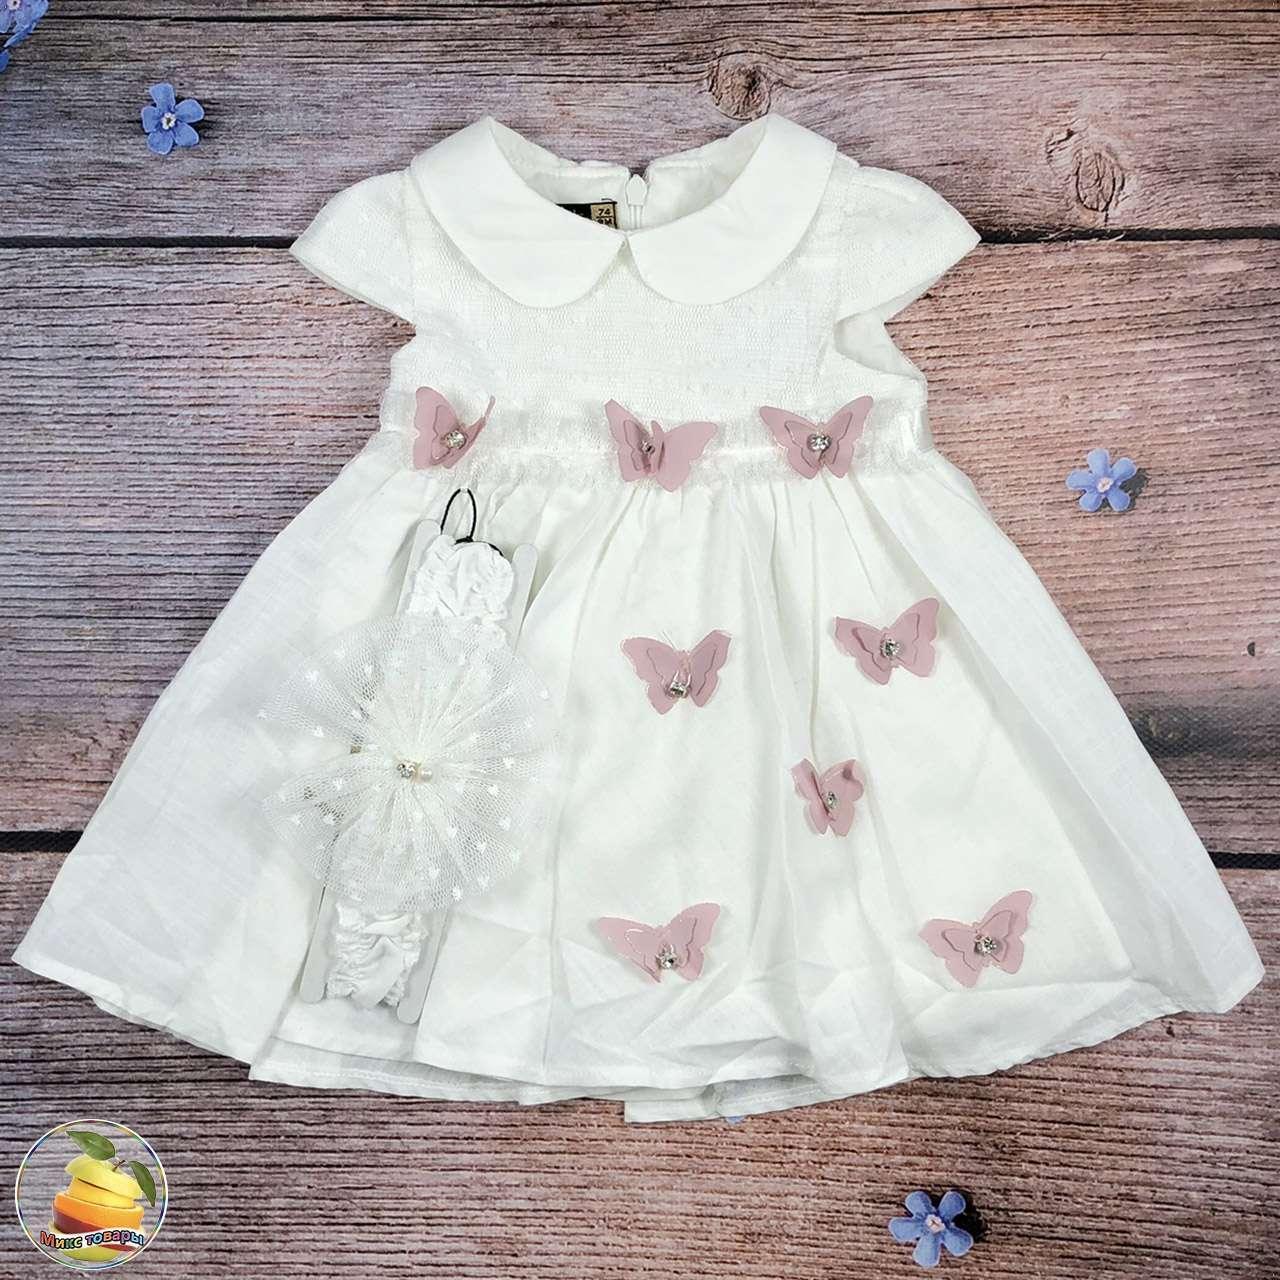 Платье с бабочками+ повязка, для маленькой принцессы Размеры: 74,80,86,92 см (9341)